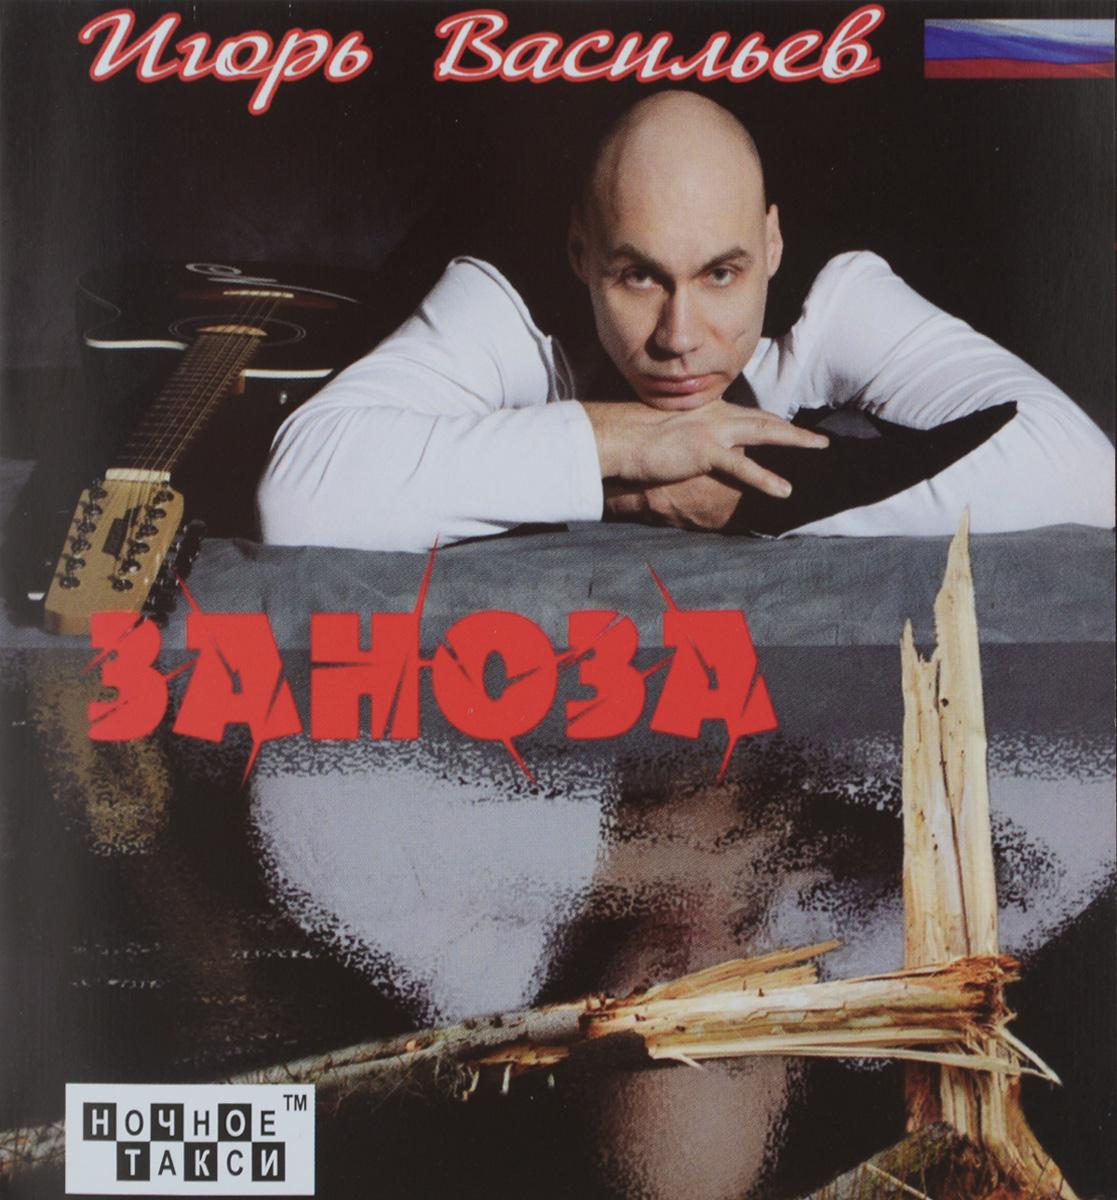 Игорь Васильев Игорь Васильев. Заноза заноза